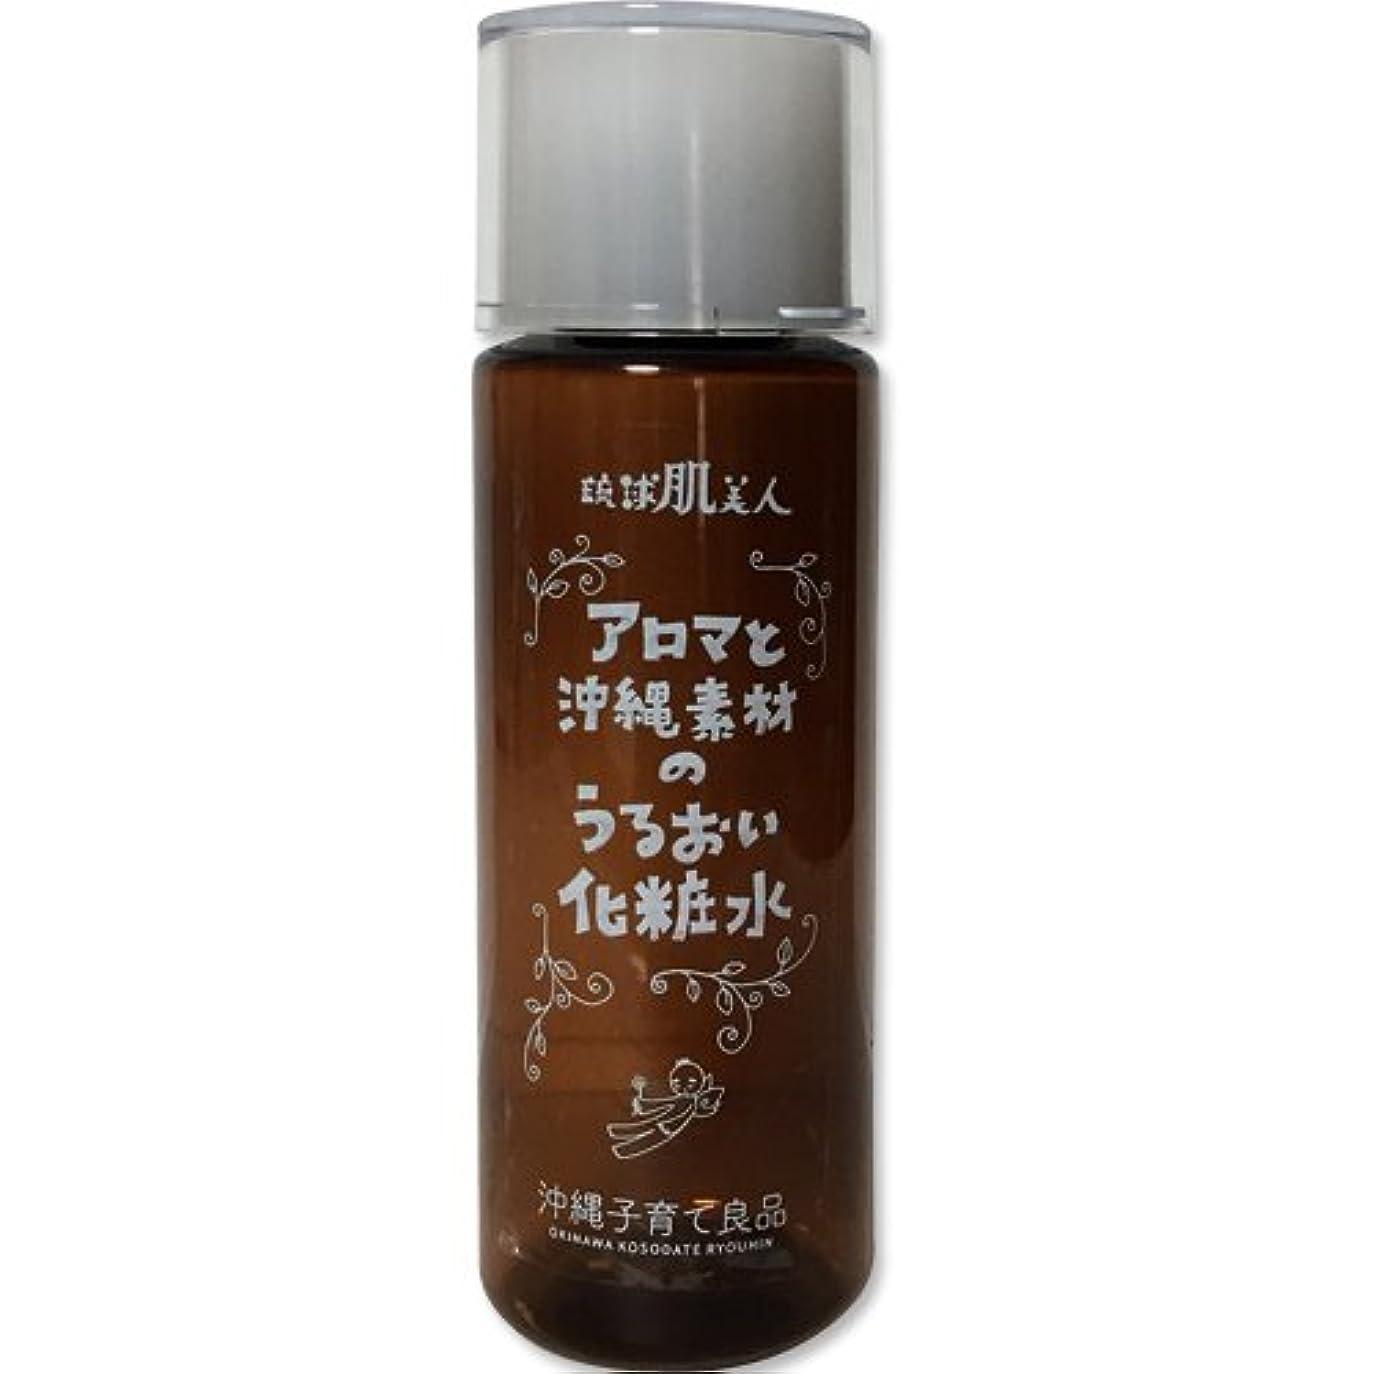 インストラクターミンチ料理をする保湿 化粧水 無添加 アルコールフリー アロマと沖縄素材のうるおい化粧水 120ml